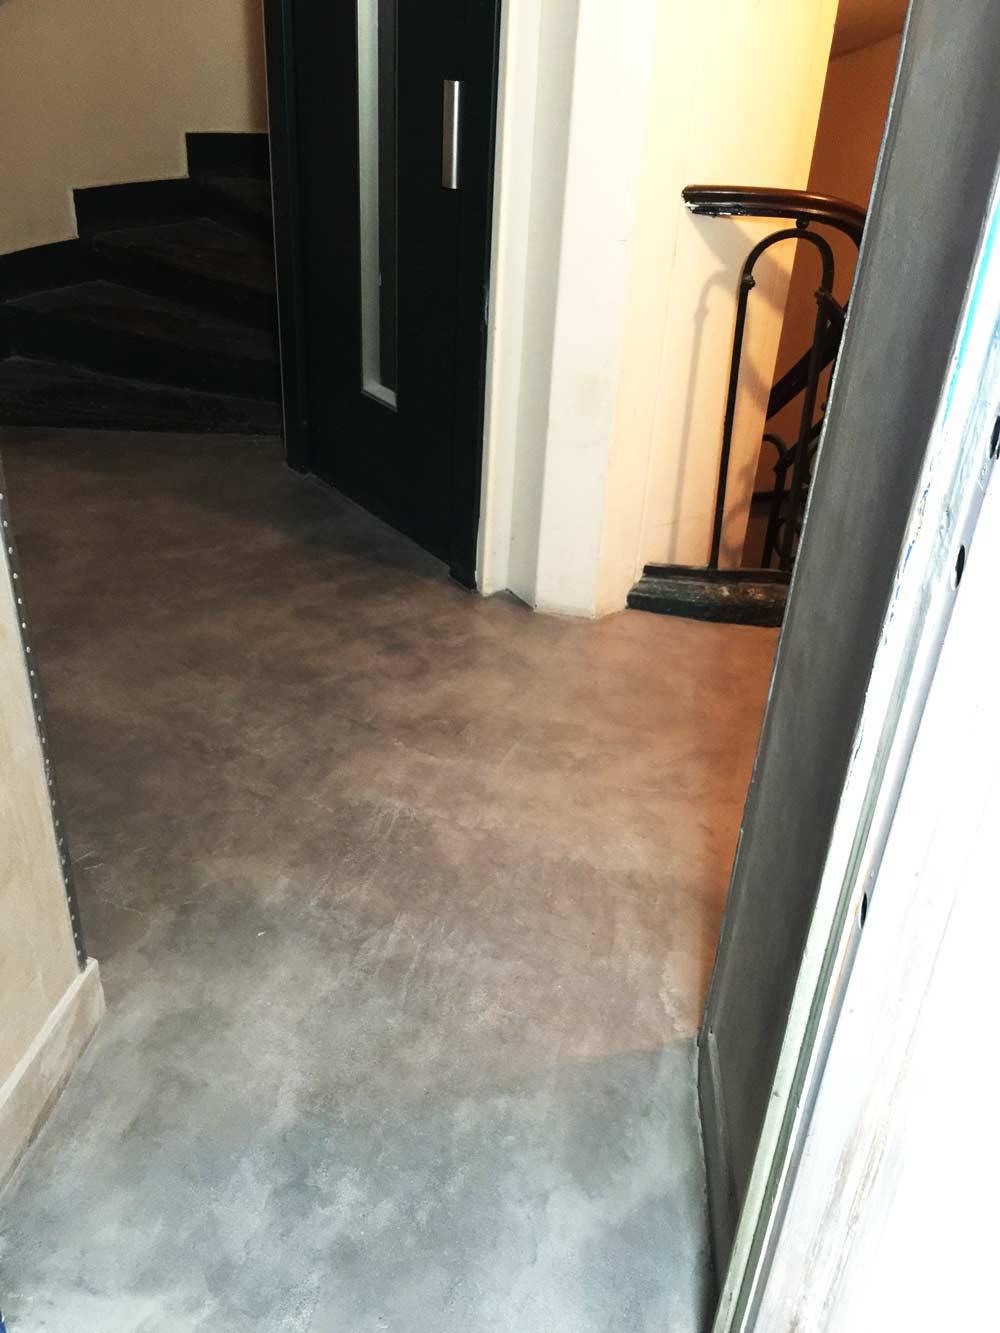 palier appartement decomursdecomurs. Black Bedroom Furniture Sets. Home Design Ideas